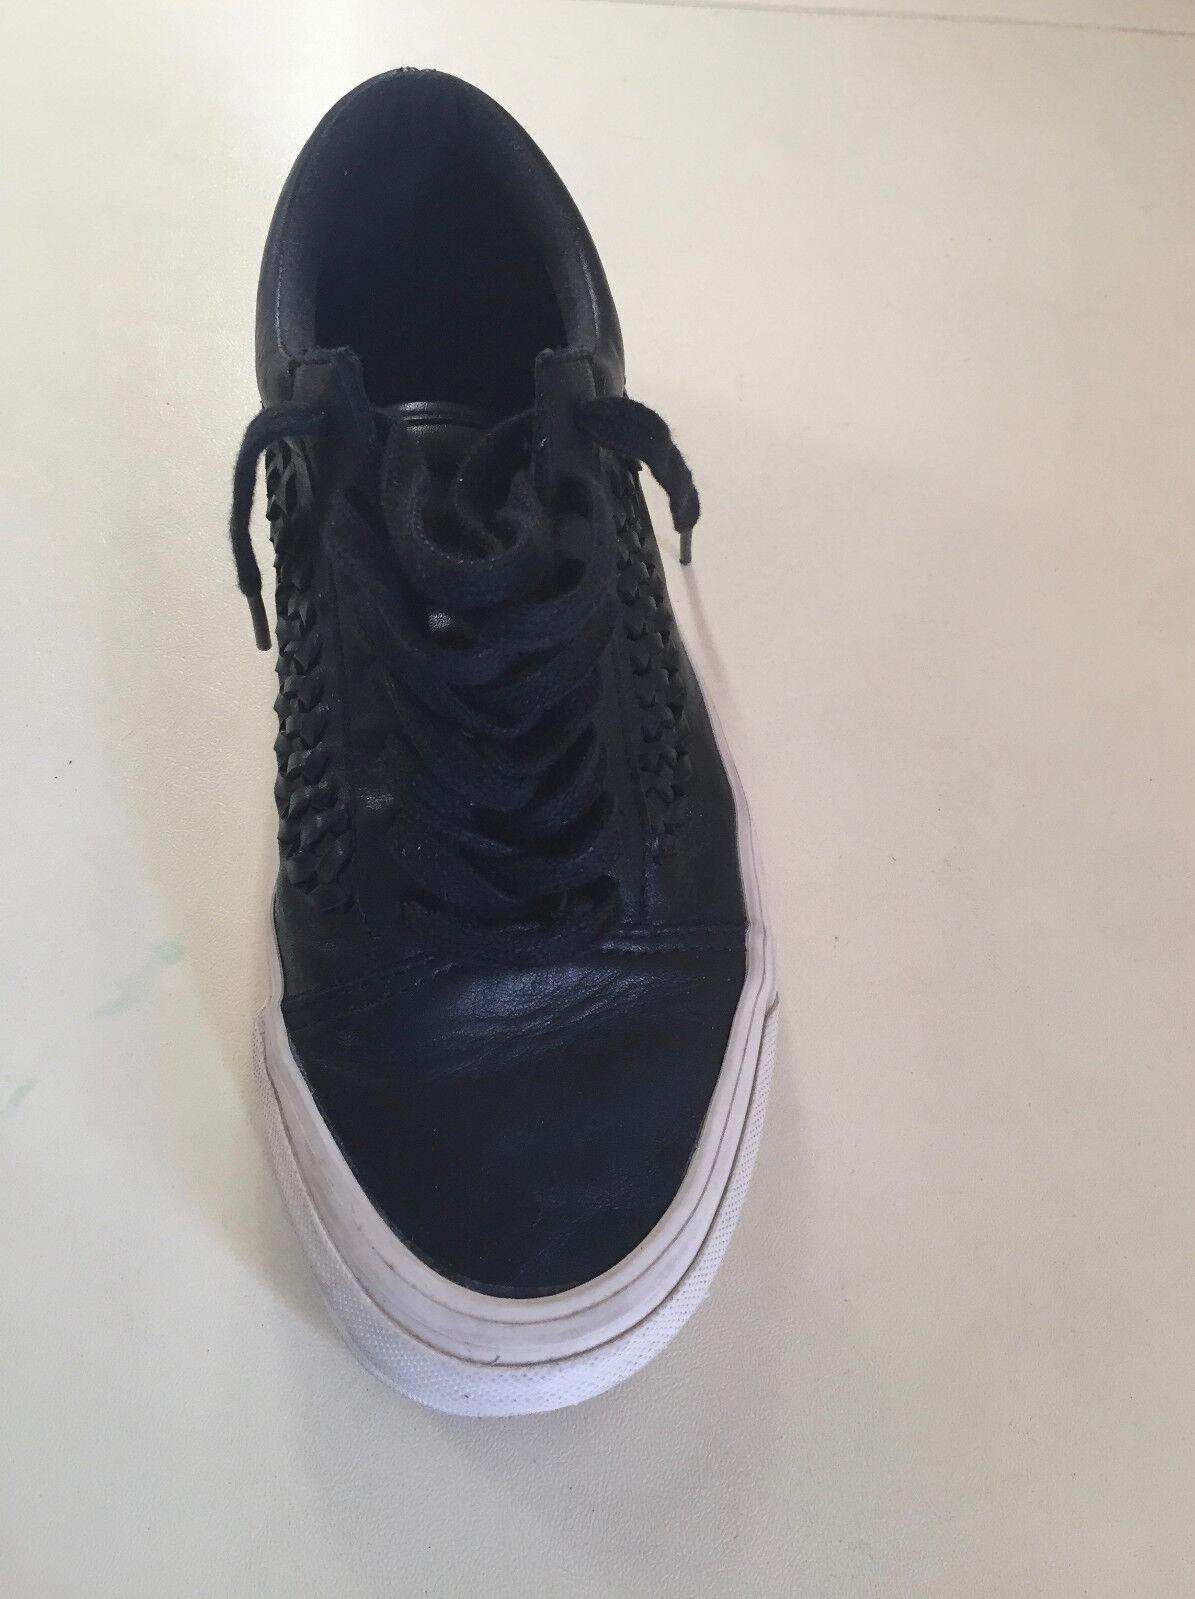 damen's Vans Leather Lace Up Trainer  schuhe Größe UK5  EU 38 unisex